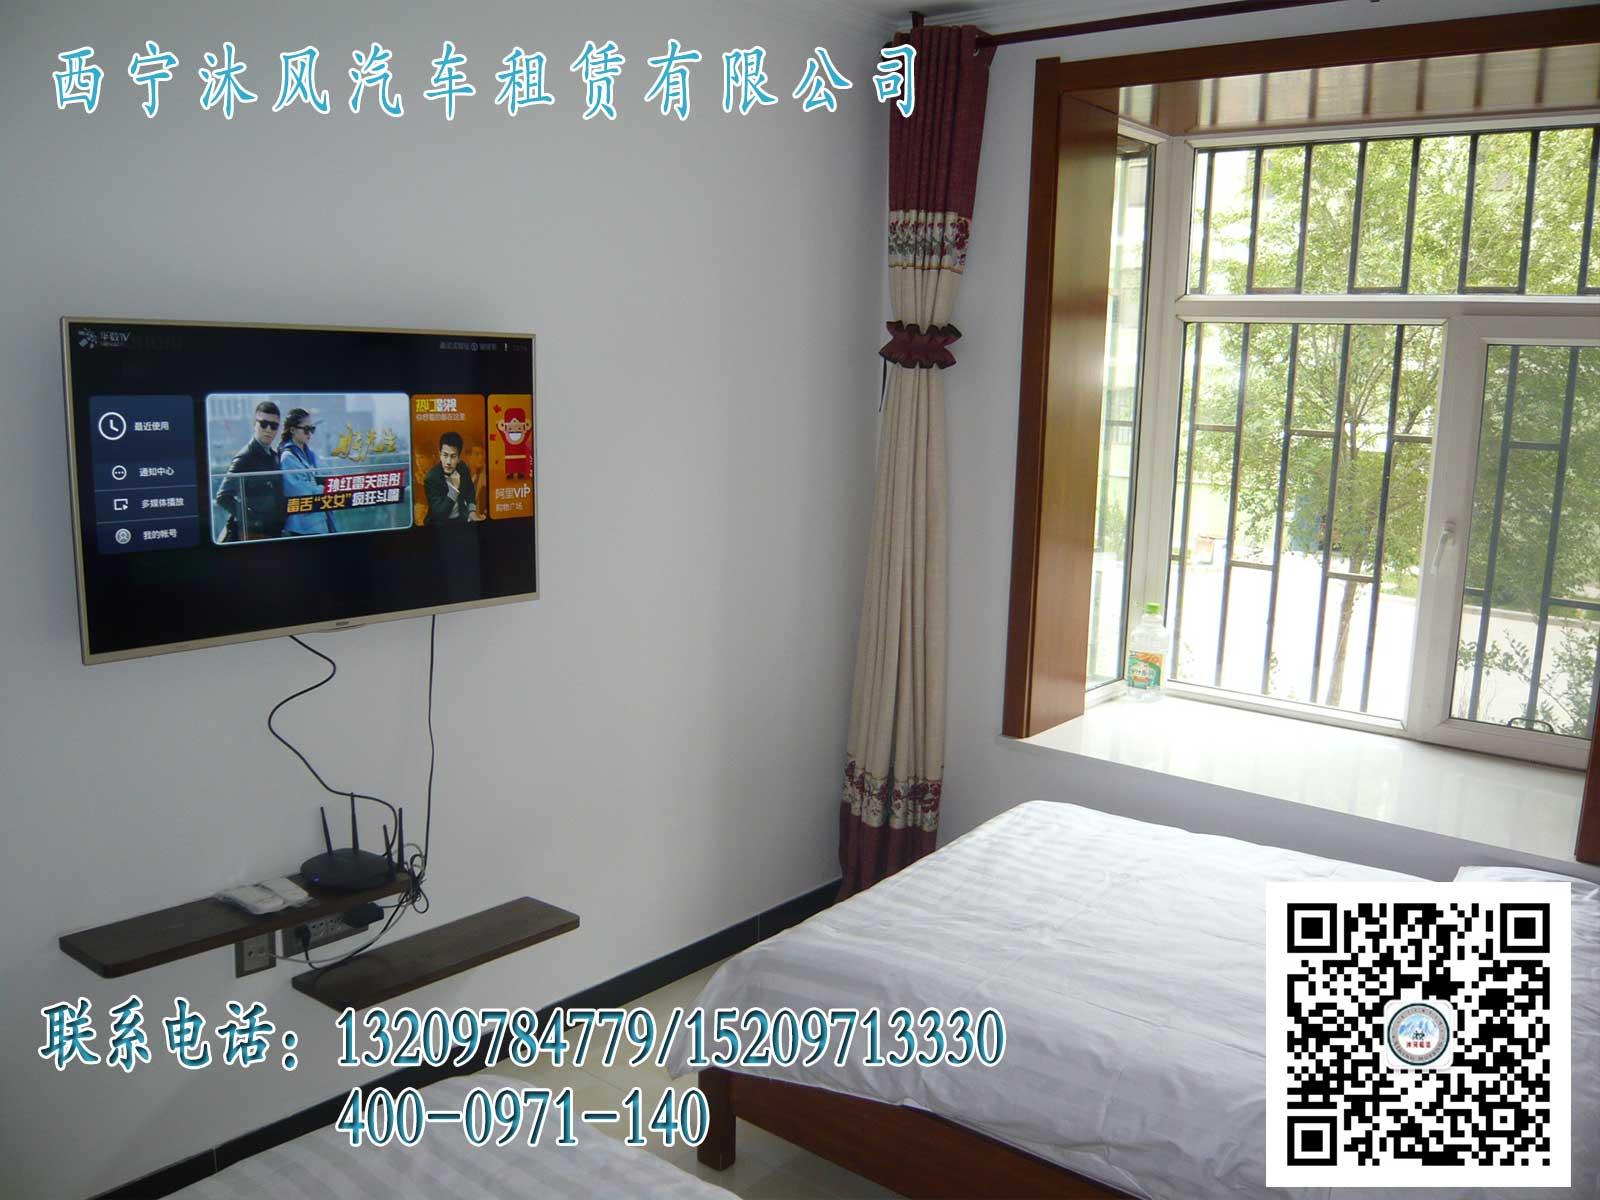 旅游住宿电话_西宁放心的家庭宾馆服务